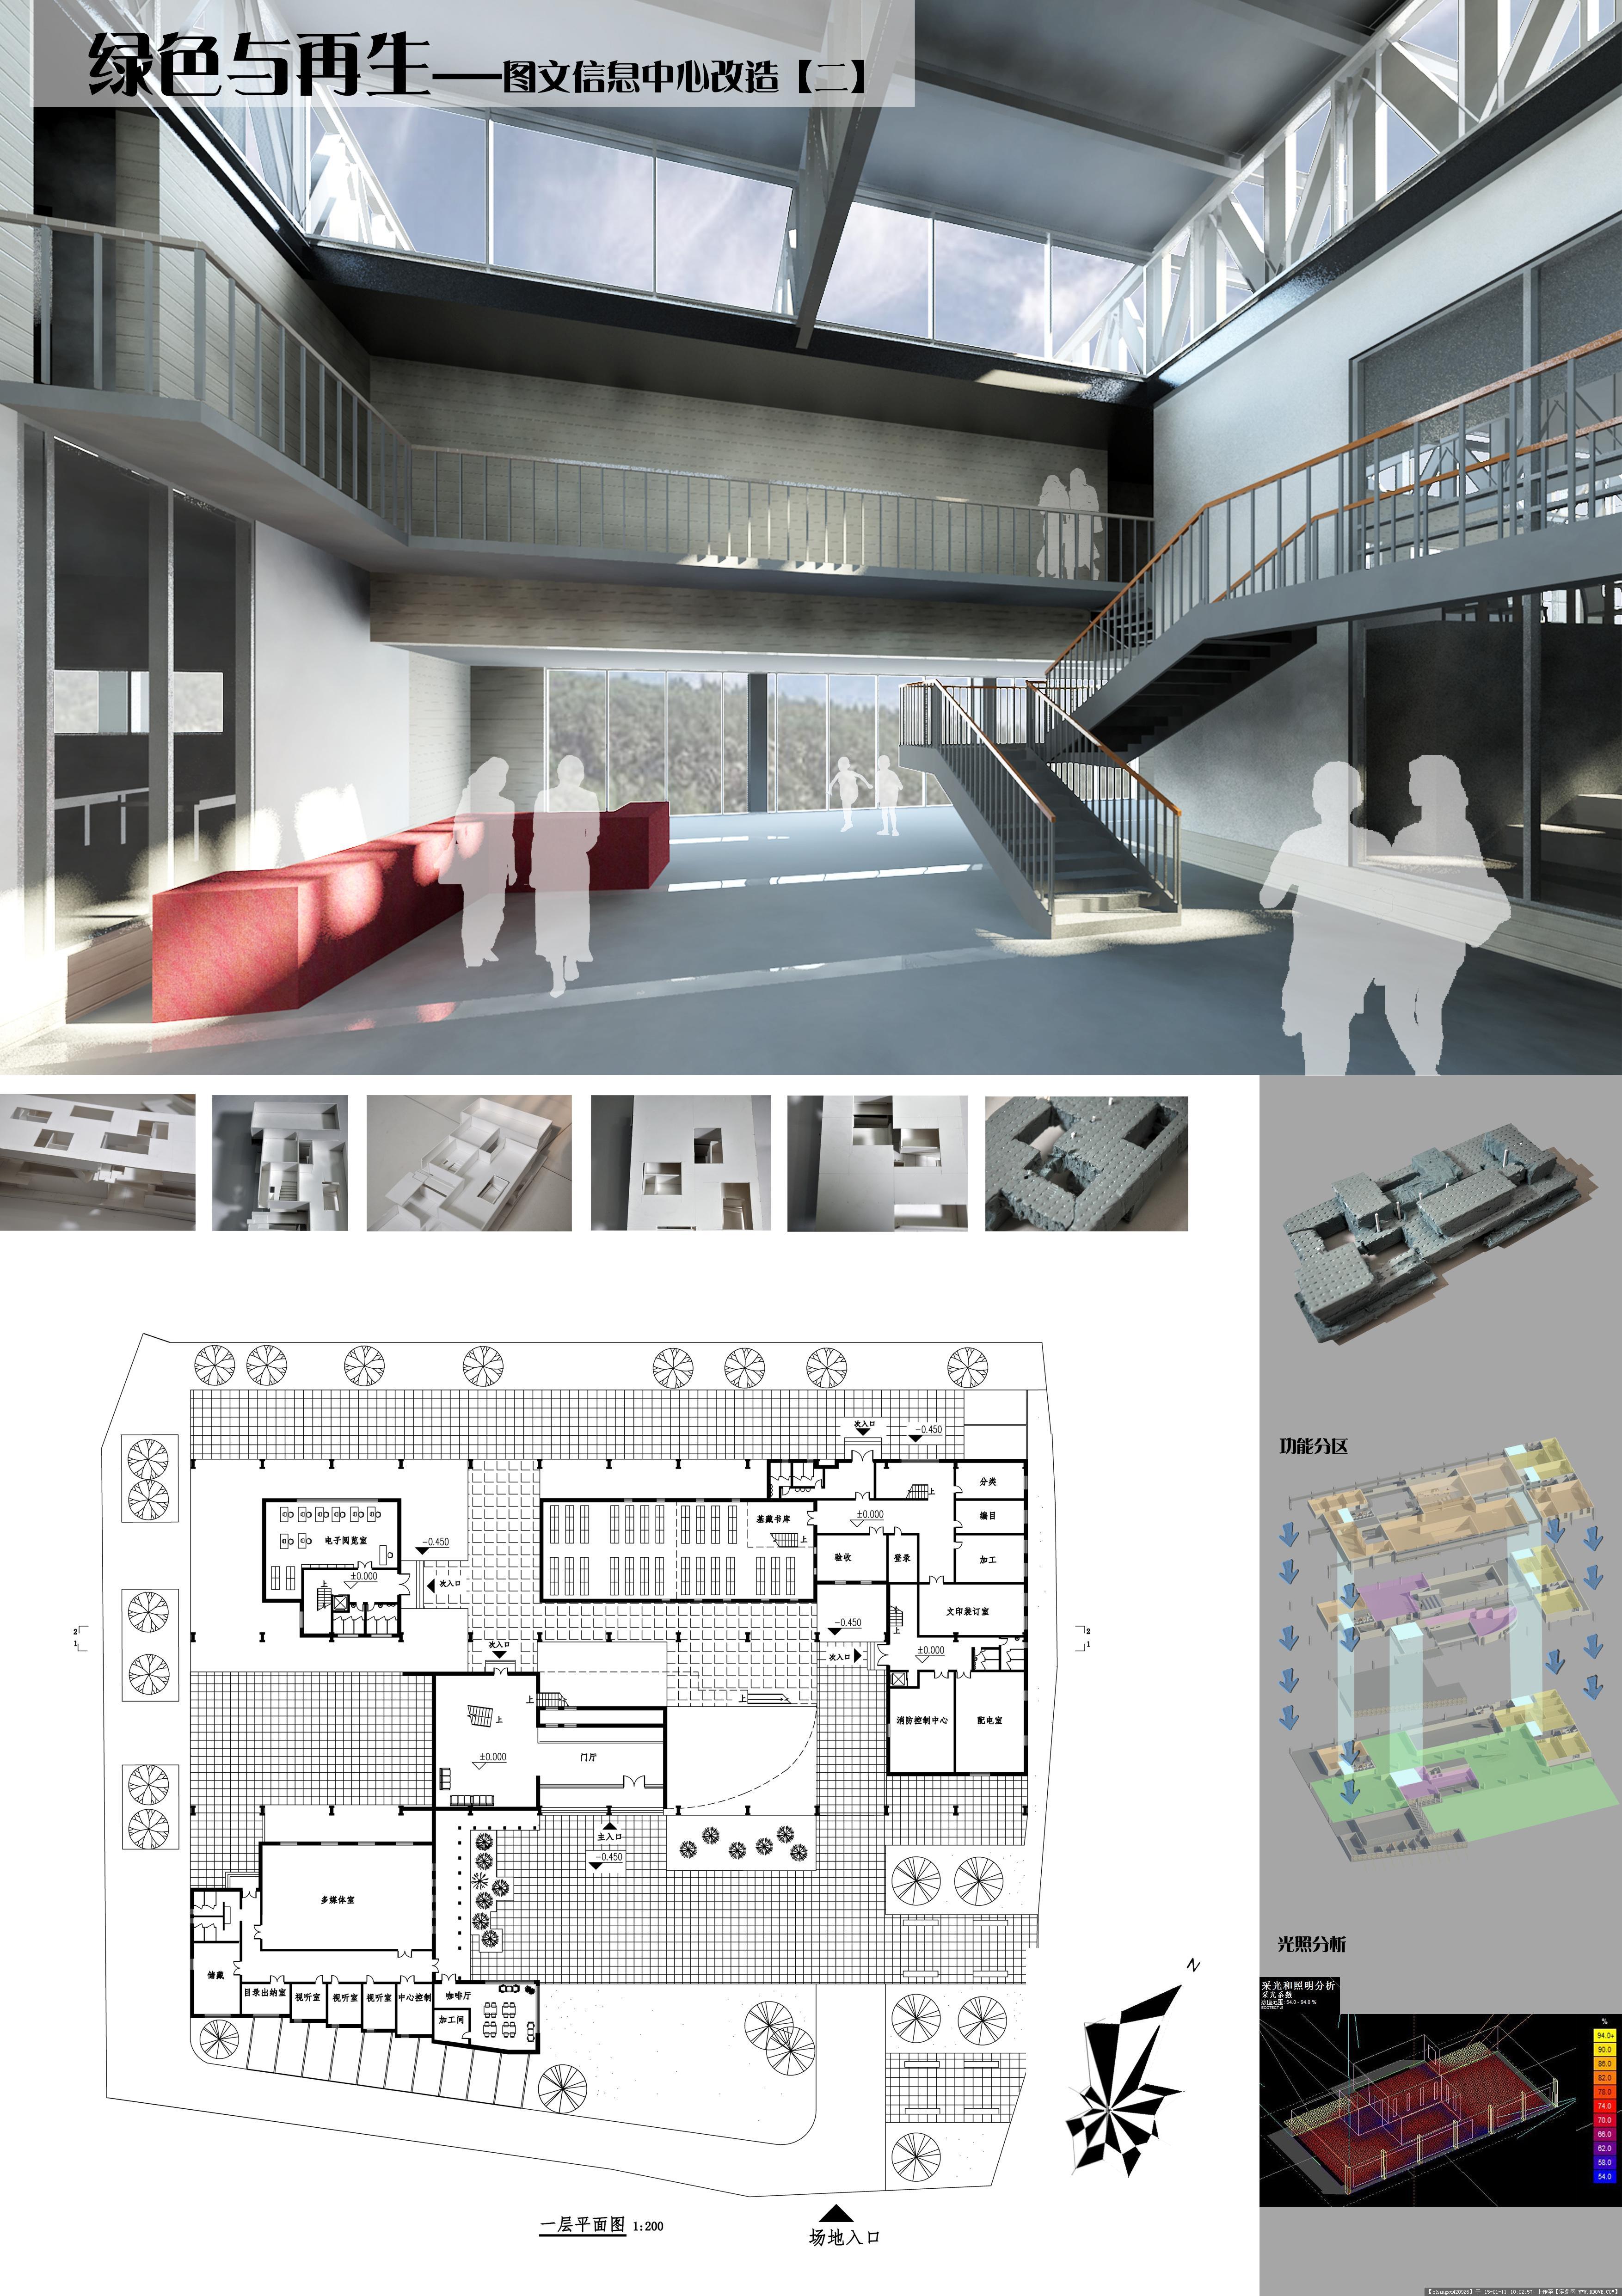 研究生阶段图书馆设计方案